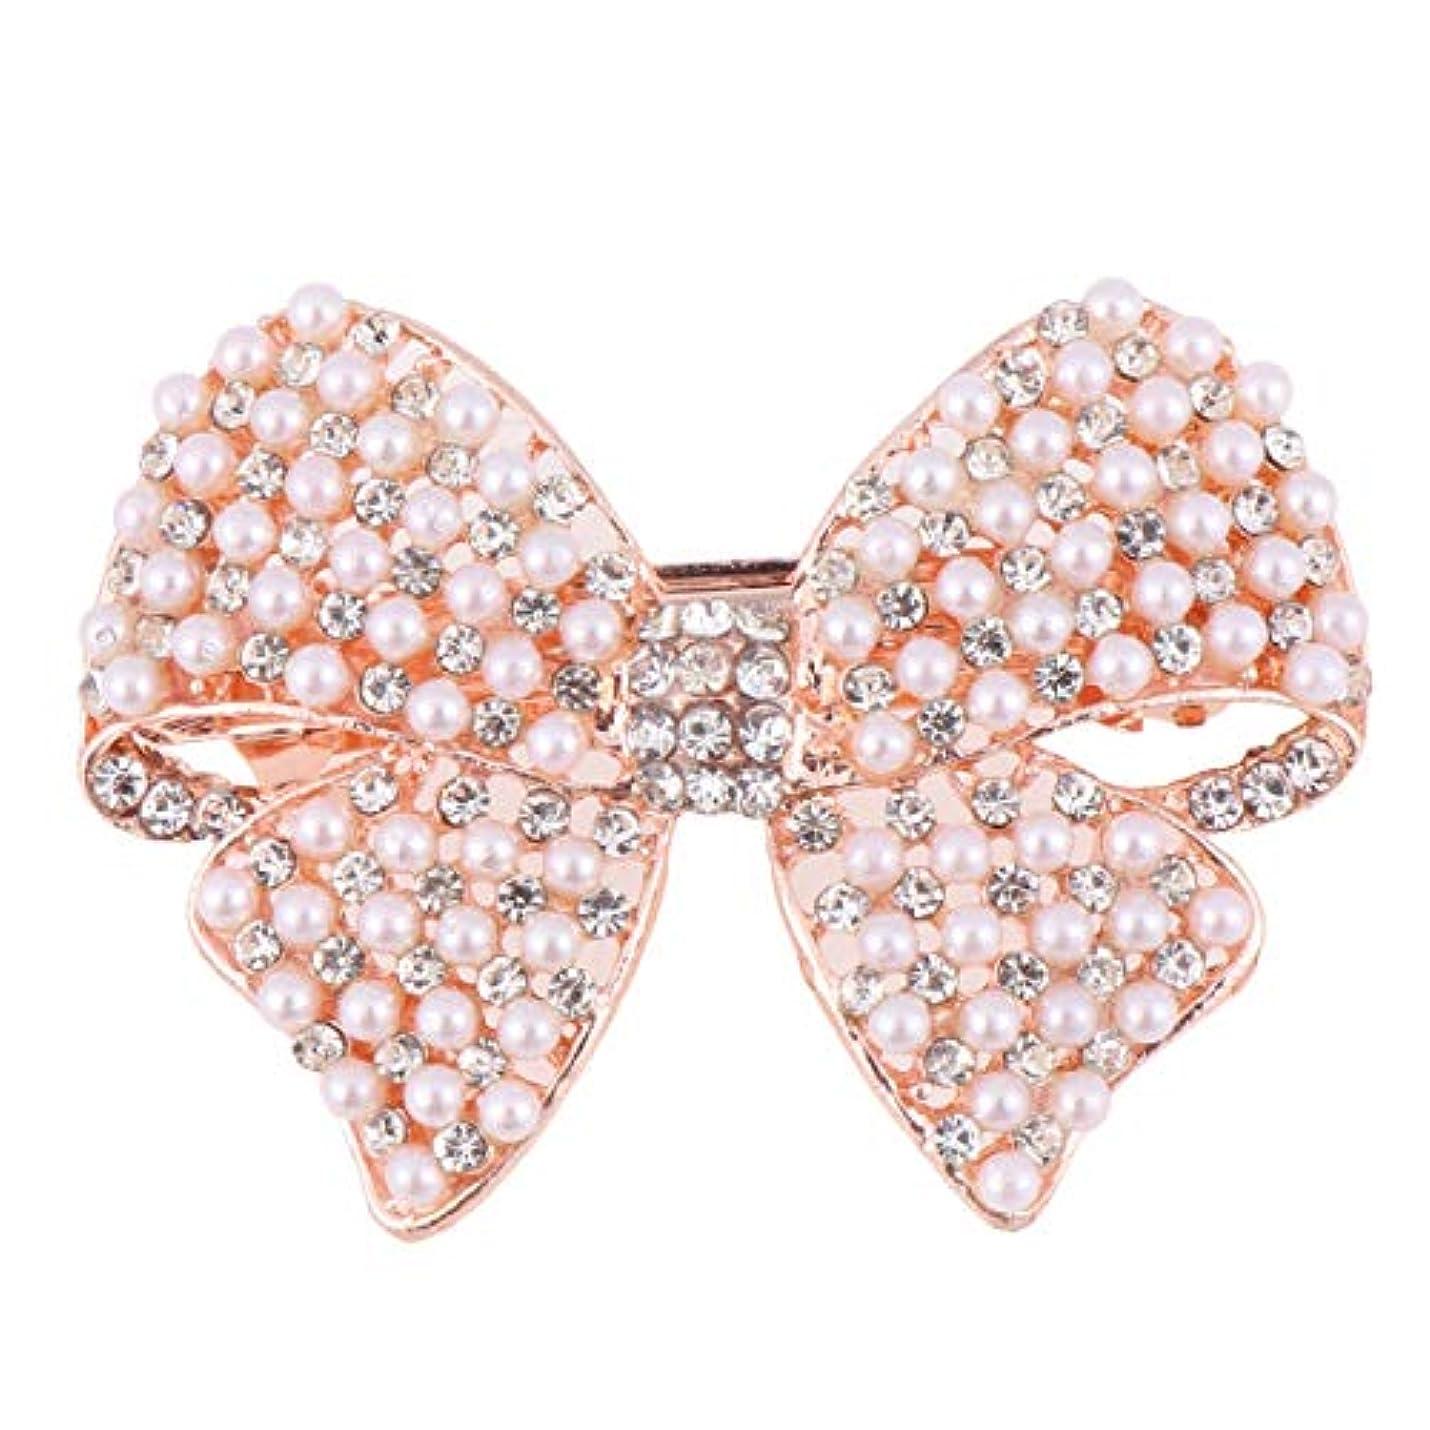 大量吐くパワーセルBeaupretty 女性のための真珠の弓のヘアクリップラインストーンヘアピンヘッドドレスバレッタちょう結び